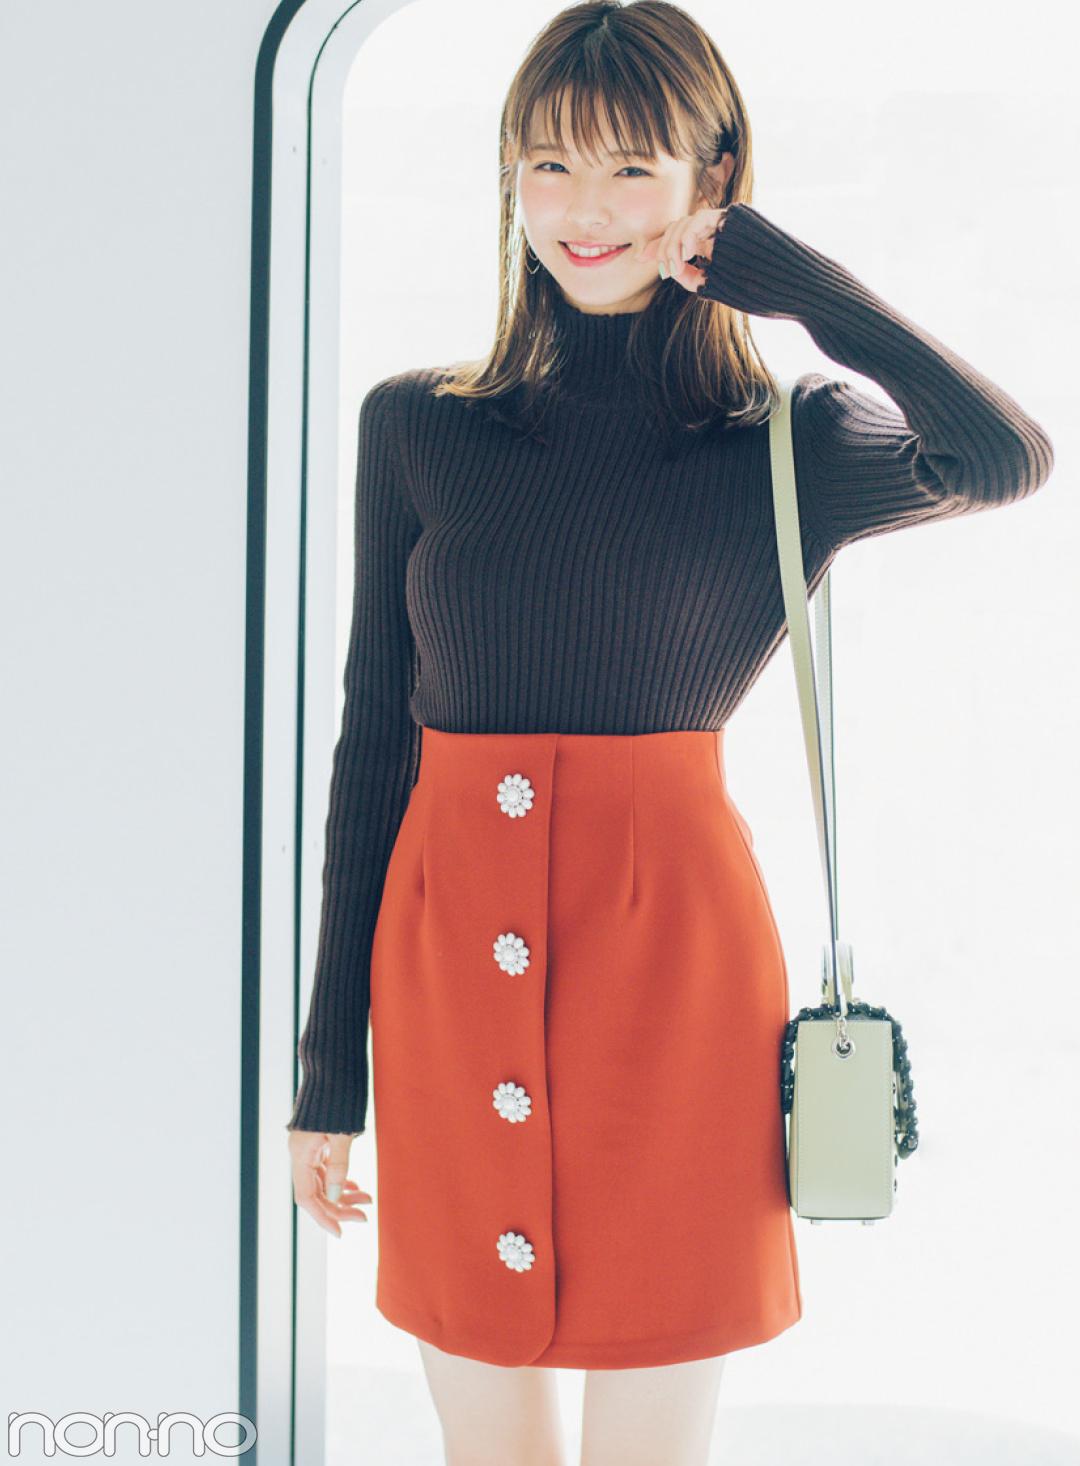 モテるトレンド服2018秋♡ 色で選ぶならこの2色!_1_4-2